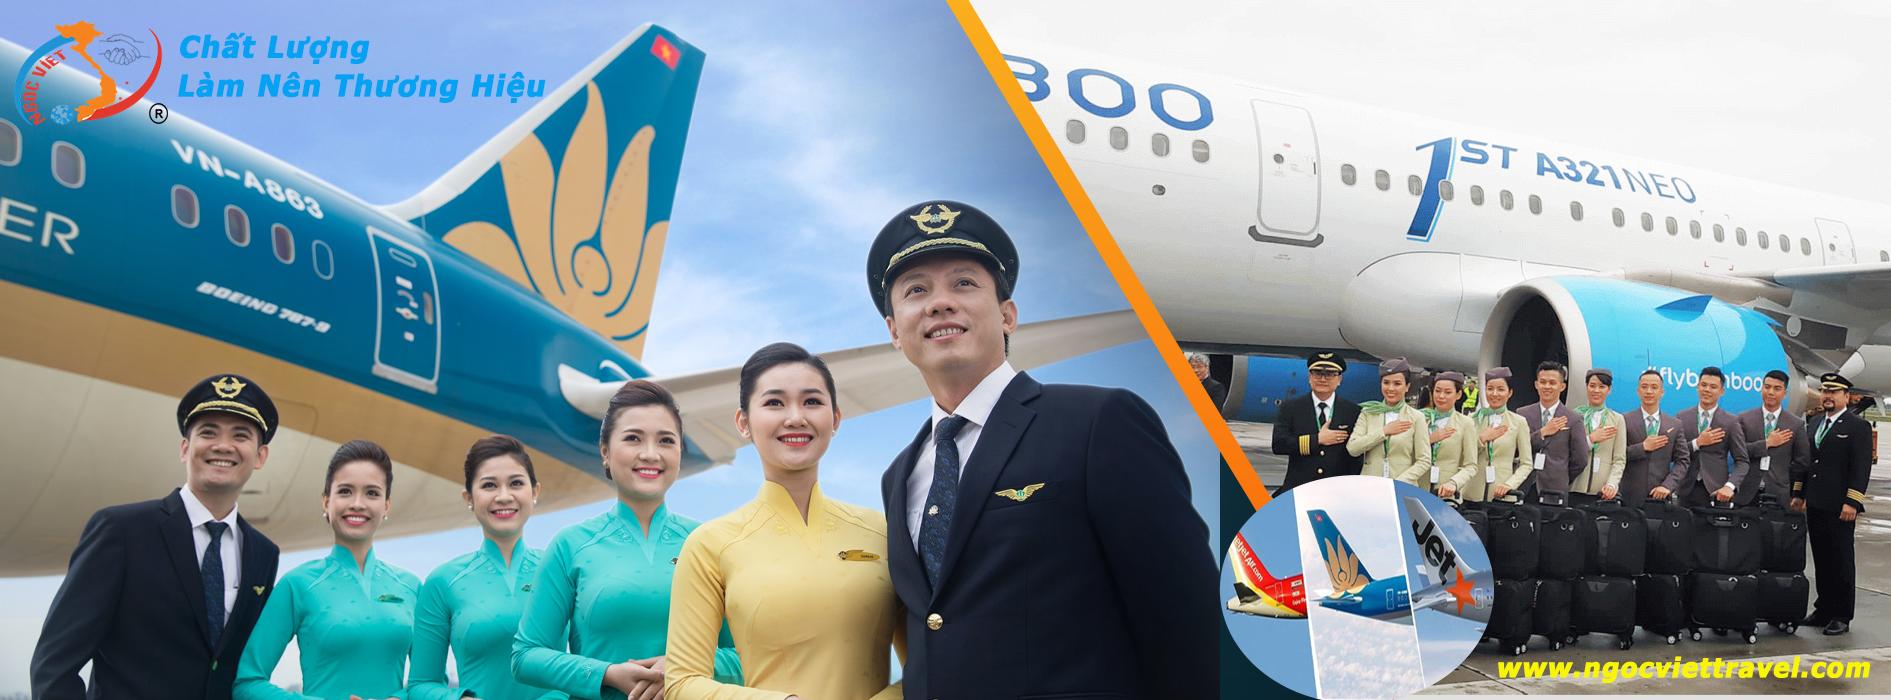 Đại lý vé máy bay trên toàn quốc